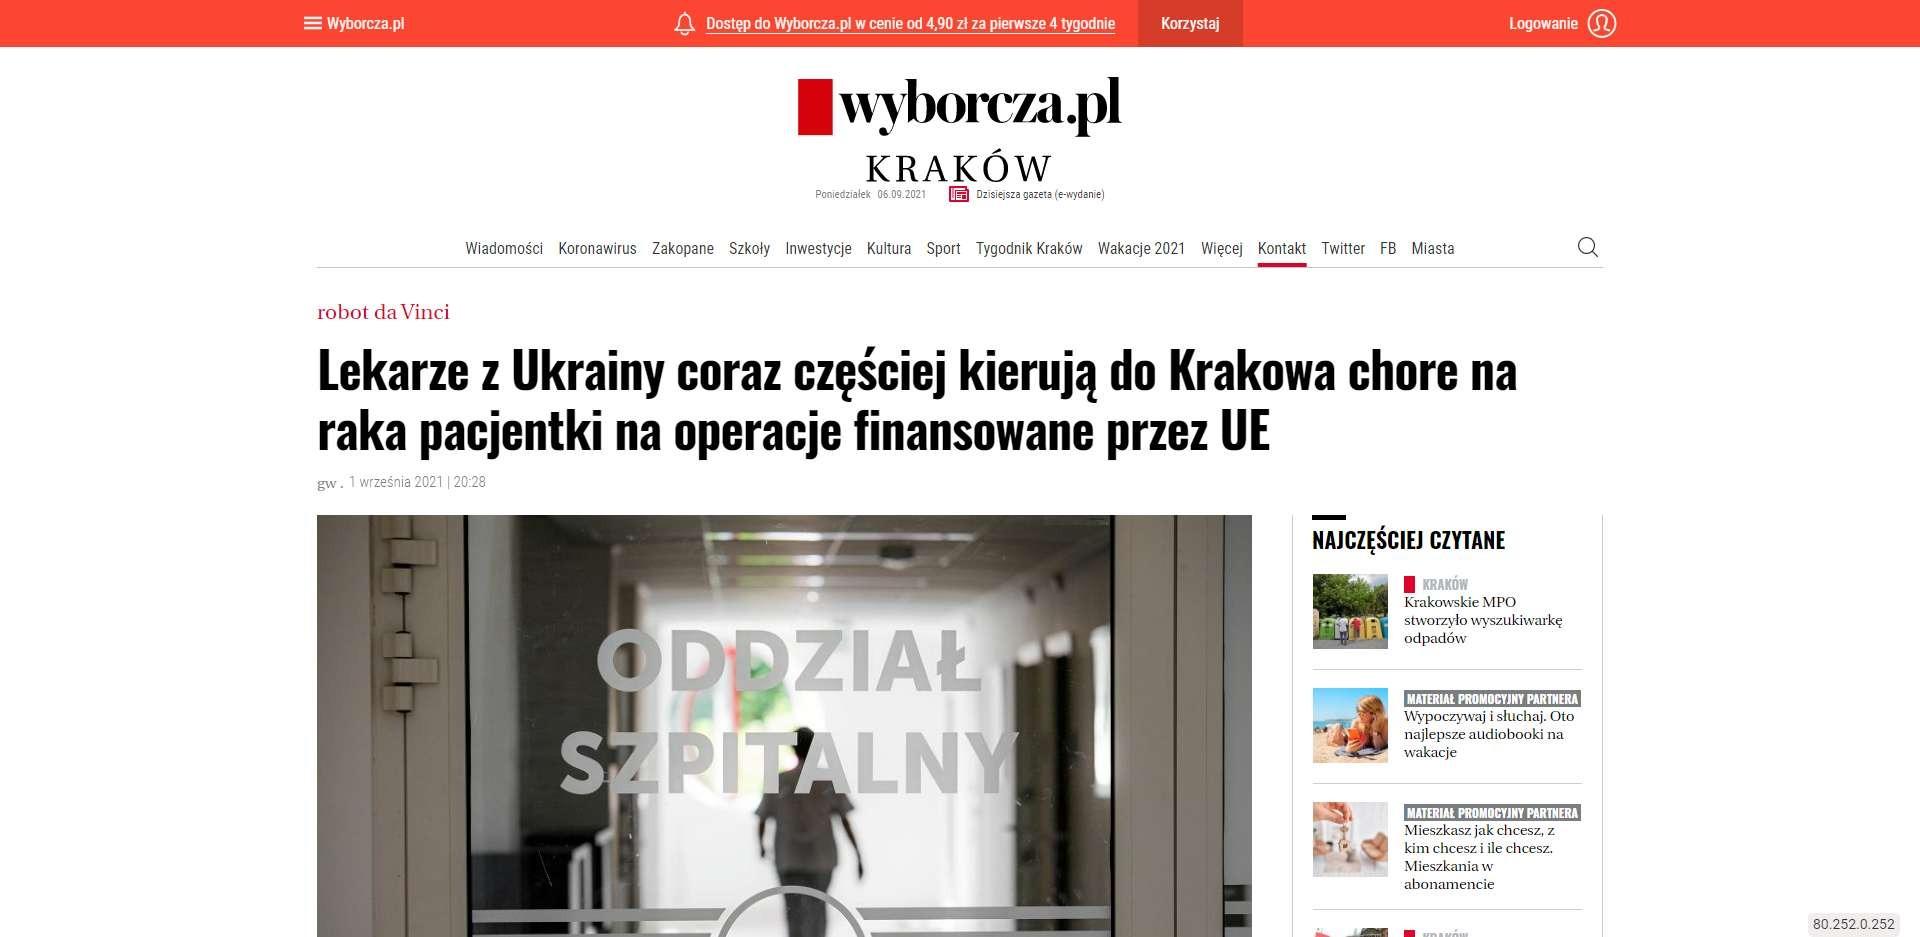 lekarze z ukrainy coraz czesciej kieruja do krakowa chore na raka pacjentki na operacje finansowane przez ue